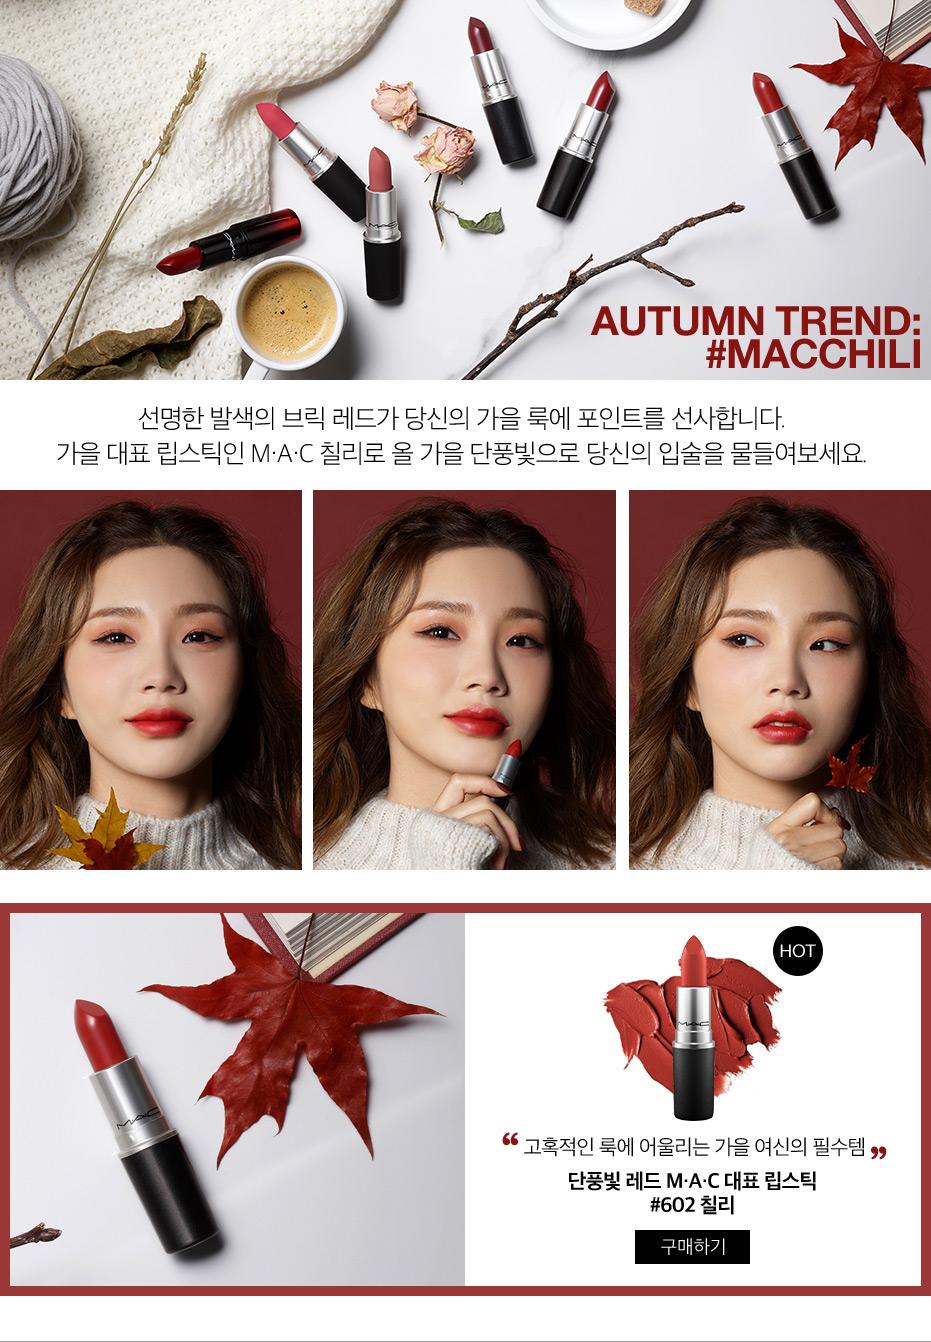 선명한 발색의 브릭 레드가 당신의 가을 룩에 포인트를 선사합니다. 가을 대표 립스틱인 M·A·C 칠리로 올 가을 단풍빛으로 당신의 입술을 물들여보세요.